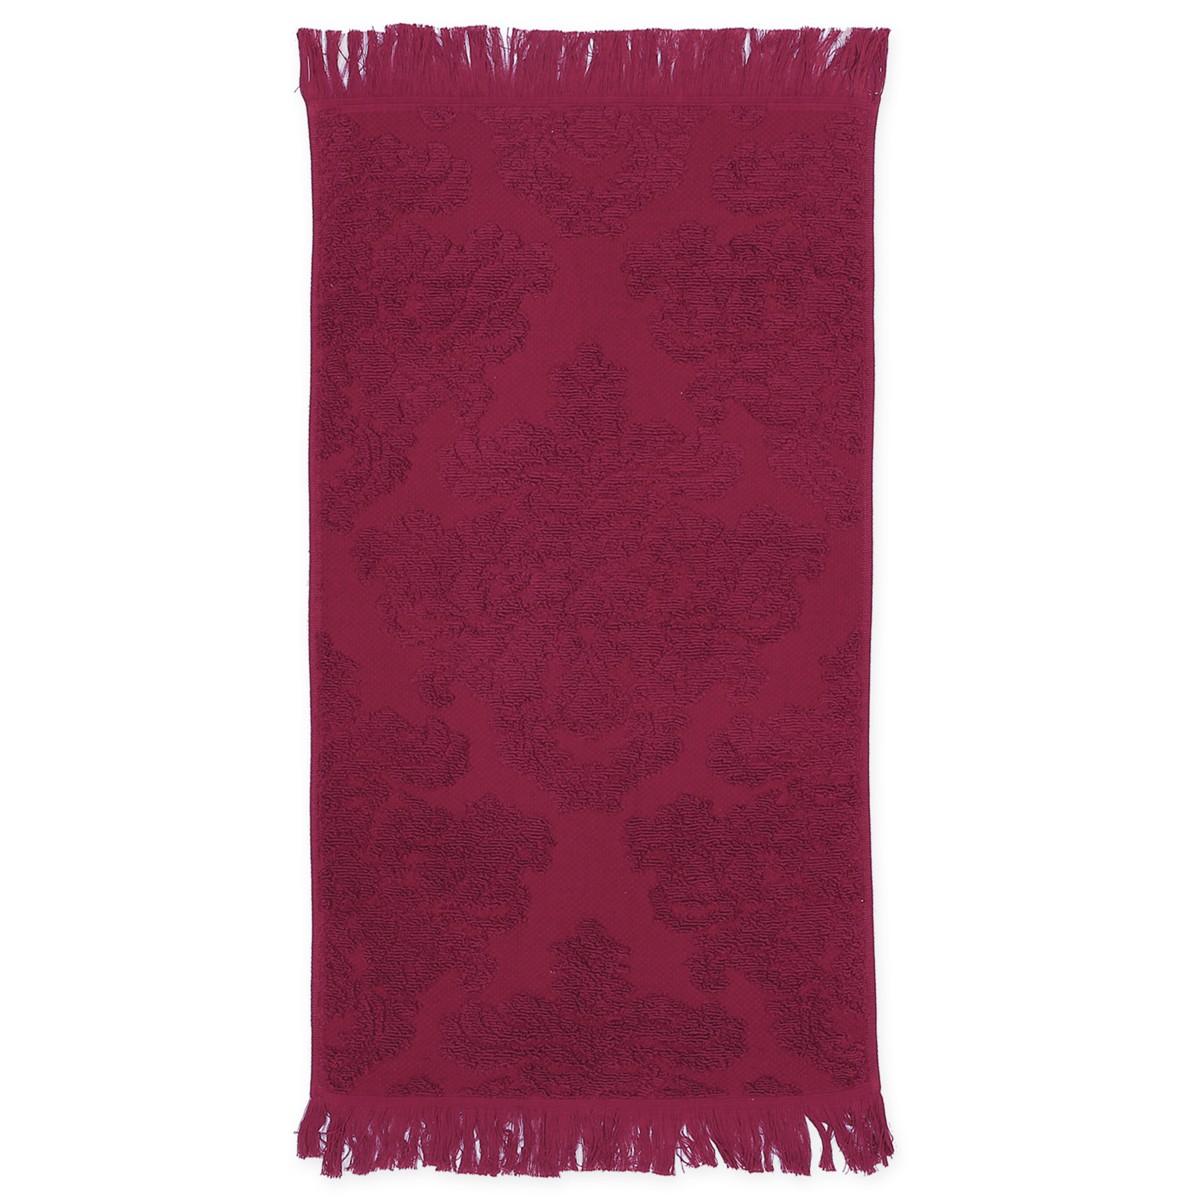 Πετσέτες Μπάνιου (Σετ 3τμχ) Nef-Nef Onieda